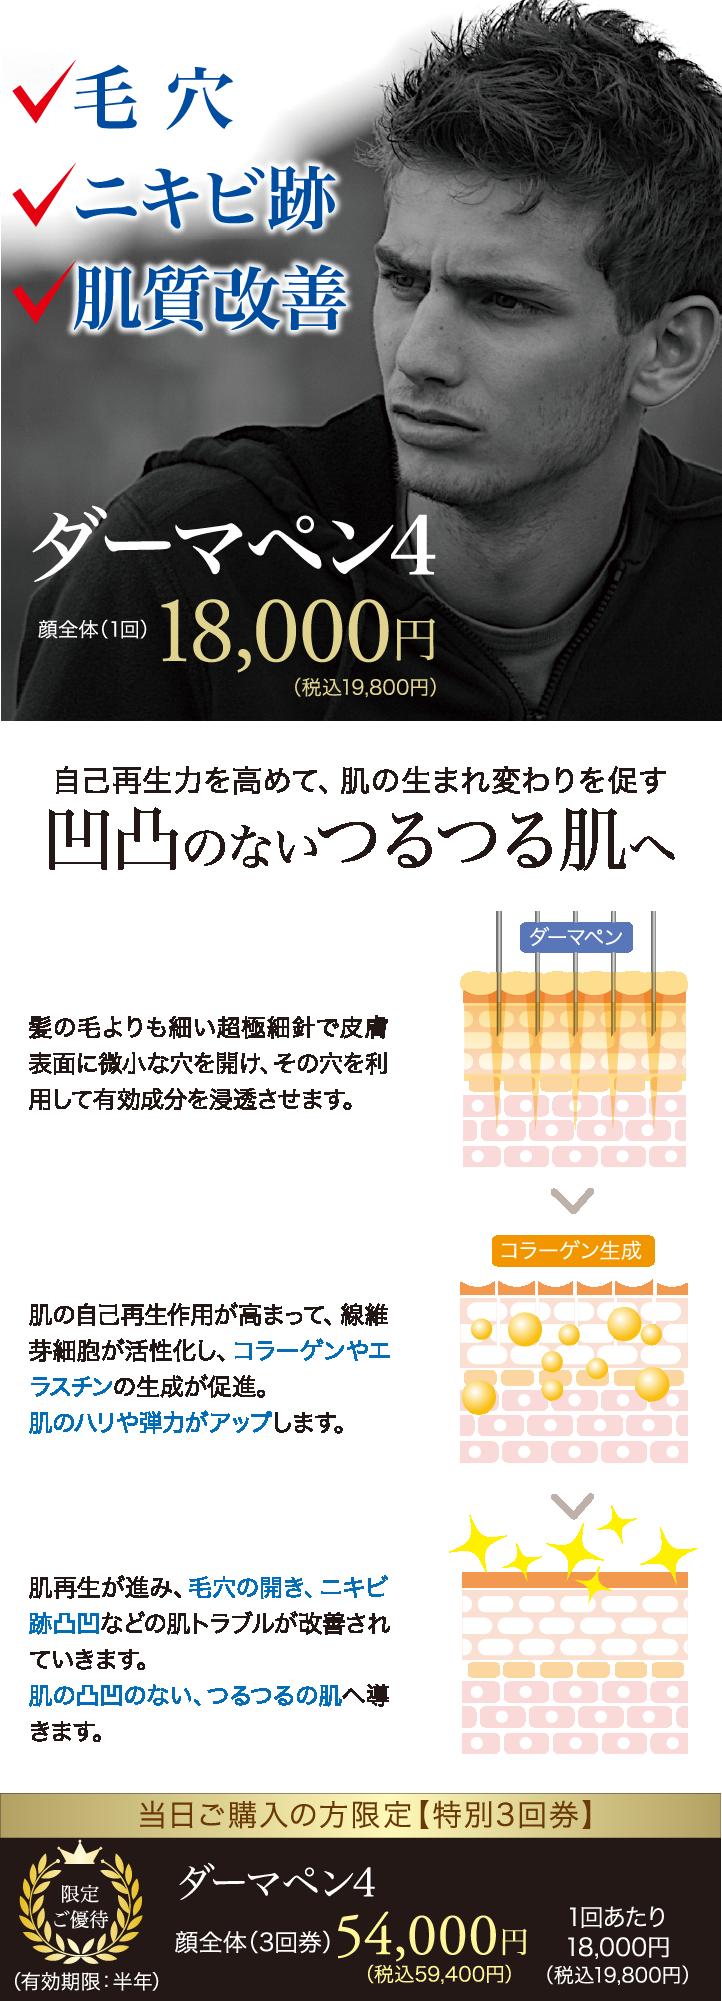 毛穴・ニキビ跡治療【ダーマペン4】